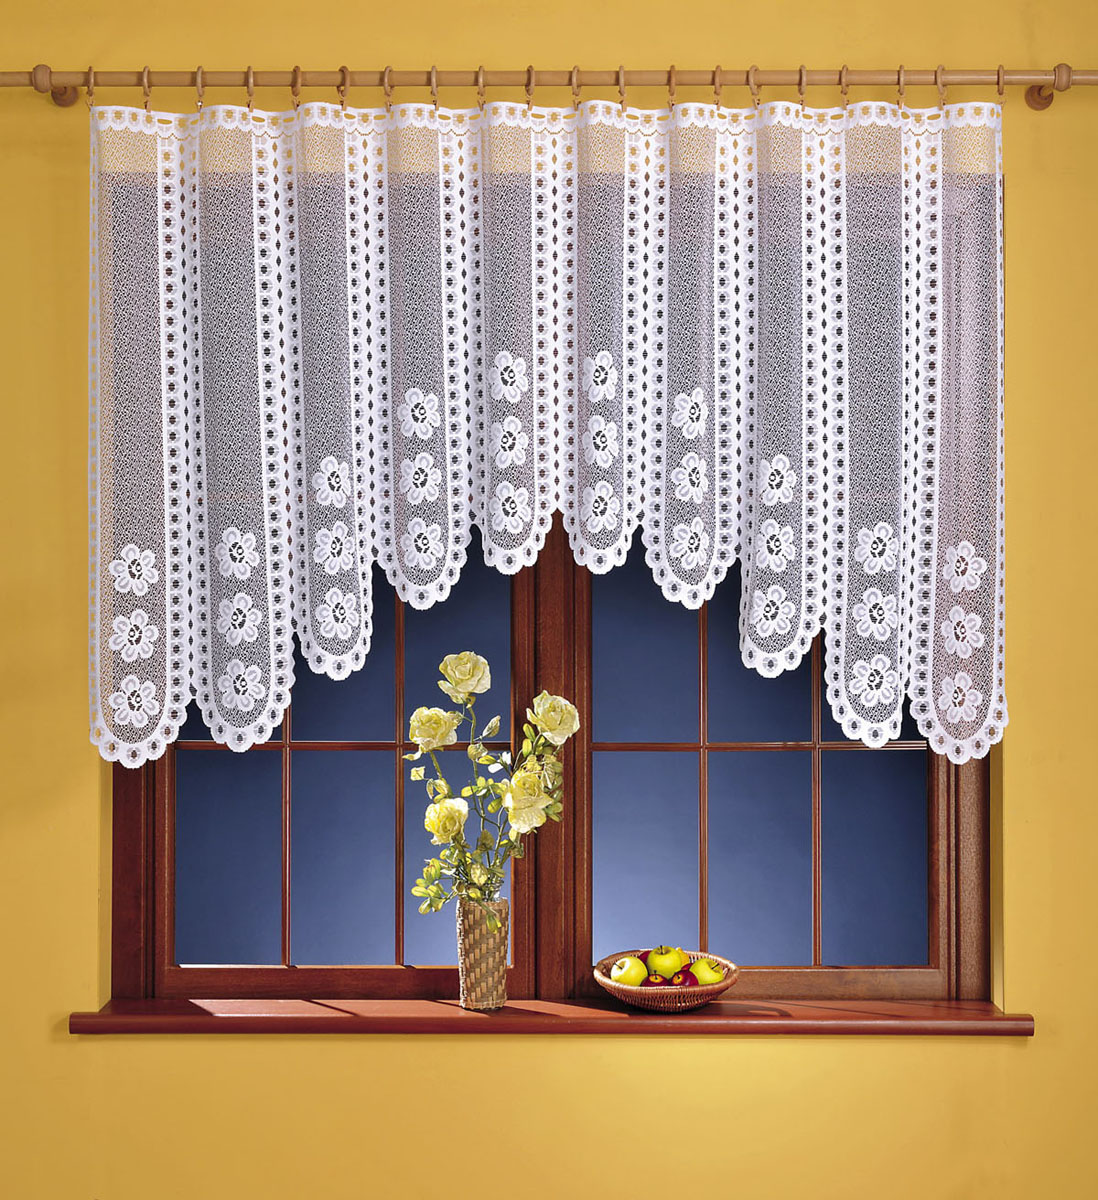 Гардина Kasia, цвет: белый, высота 120 см676187Гардина Kasia, изготовленная из полиэстера белого цвета, станет великолепным украшением любого окна. Тонкое плетение, оригинальный дизайн и красивый цветочный узор привлекут к себе внимание и органично впишутся в интерьер комнаты. Верхняя часть гардины не оснащена креплениями. Характеристики:Материал: 100% полиэстер. Цвет: белый. Размер упаковки:27 см х 34 см х 3 см. Артикул: 676187.В комплект входит:Гардина - 1 шт. Размер (Ш х В): 230 см х 120 см. Фирма Wisan на польском рынке существует уже более пятидесяти лет и является одной из лучших польских фабрик по производству штор и тканей. Ассортимент фирмы представлен готовыми комплектами штор для гостиной, детской, кухни, а также текстилем для кухни (скатерти, салфетки, дорожки, кухонные занавески). Модельный ряд отличает оригинальный дизайн, высокое качество. Ассортимент продукции постоянно пополняется.